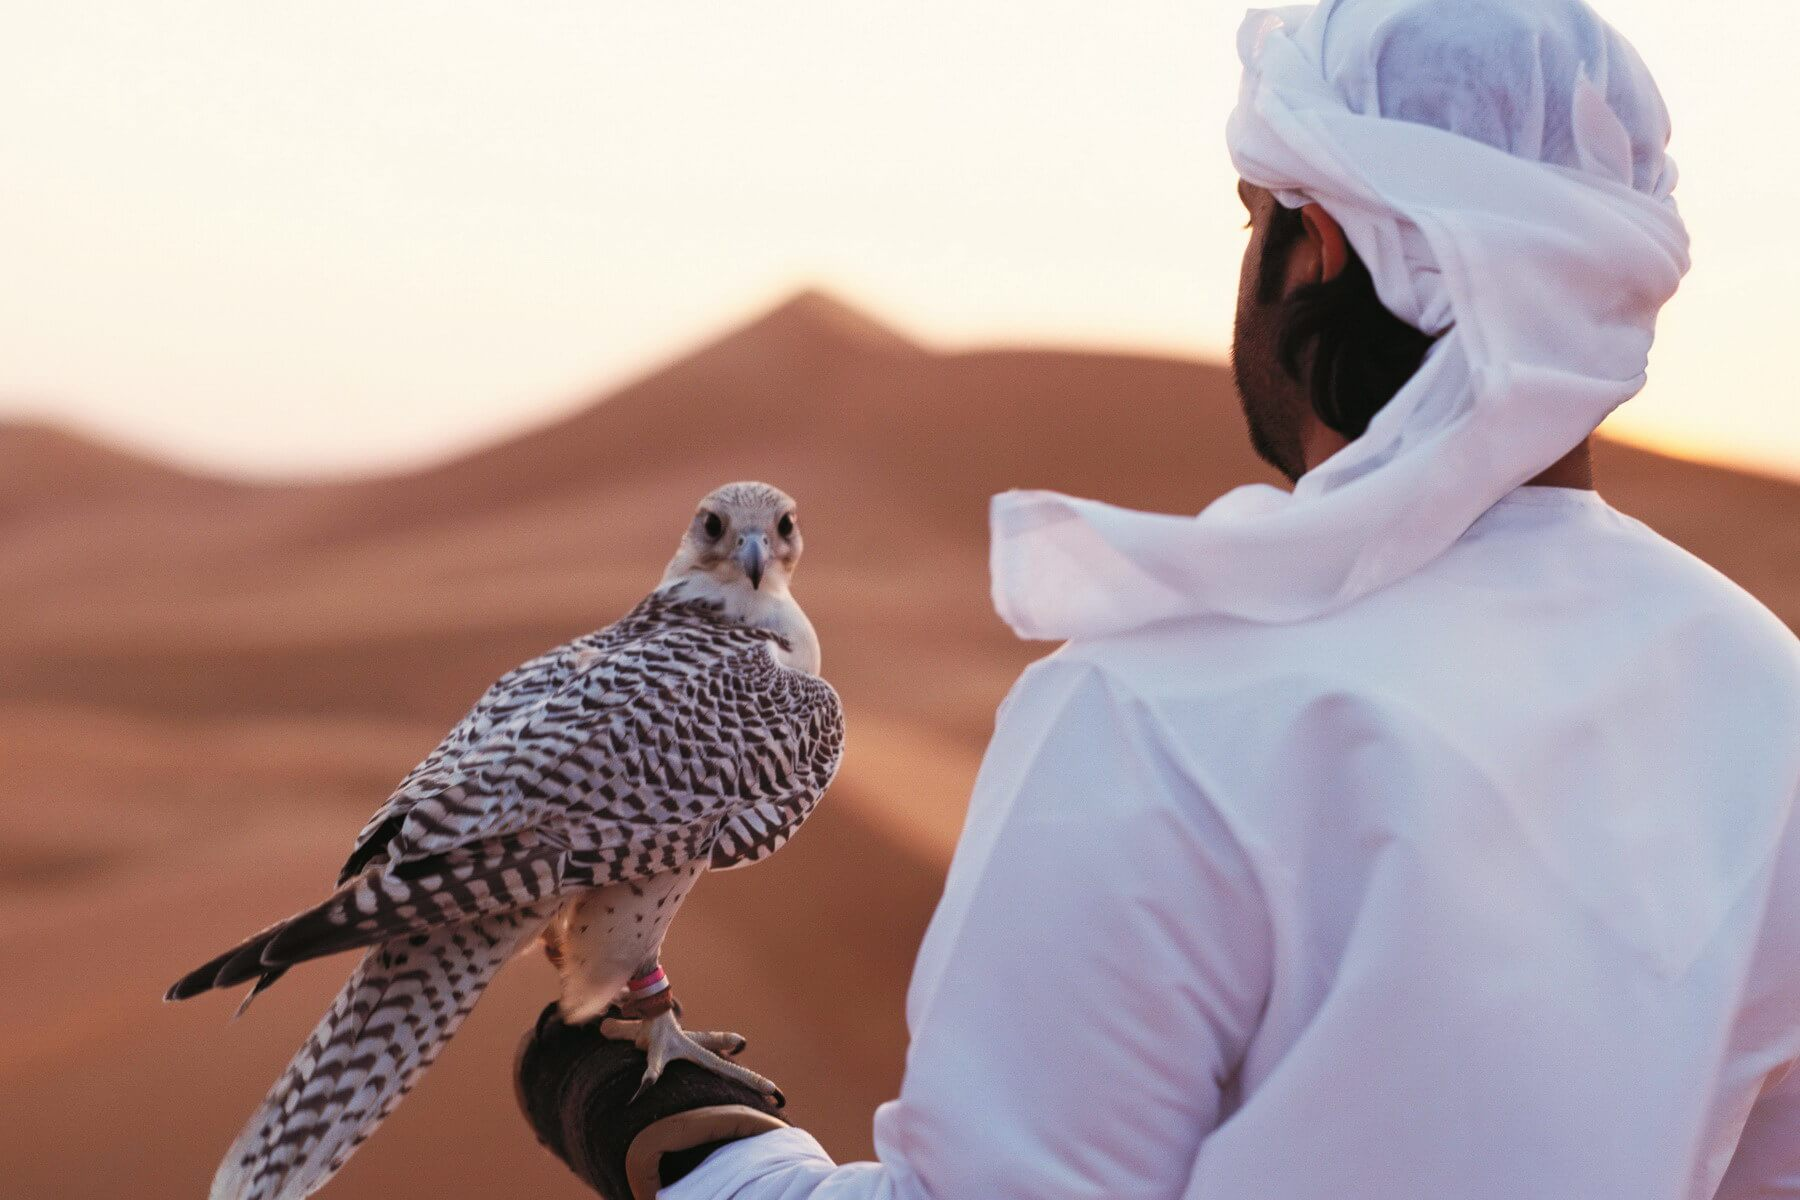 In den Emiraten gelten die Falken als die gefiederten Lieblinge der Scheichs und sind auch auf dem Wappen der Vereinigten Arabischen Emirate  zu finden.